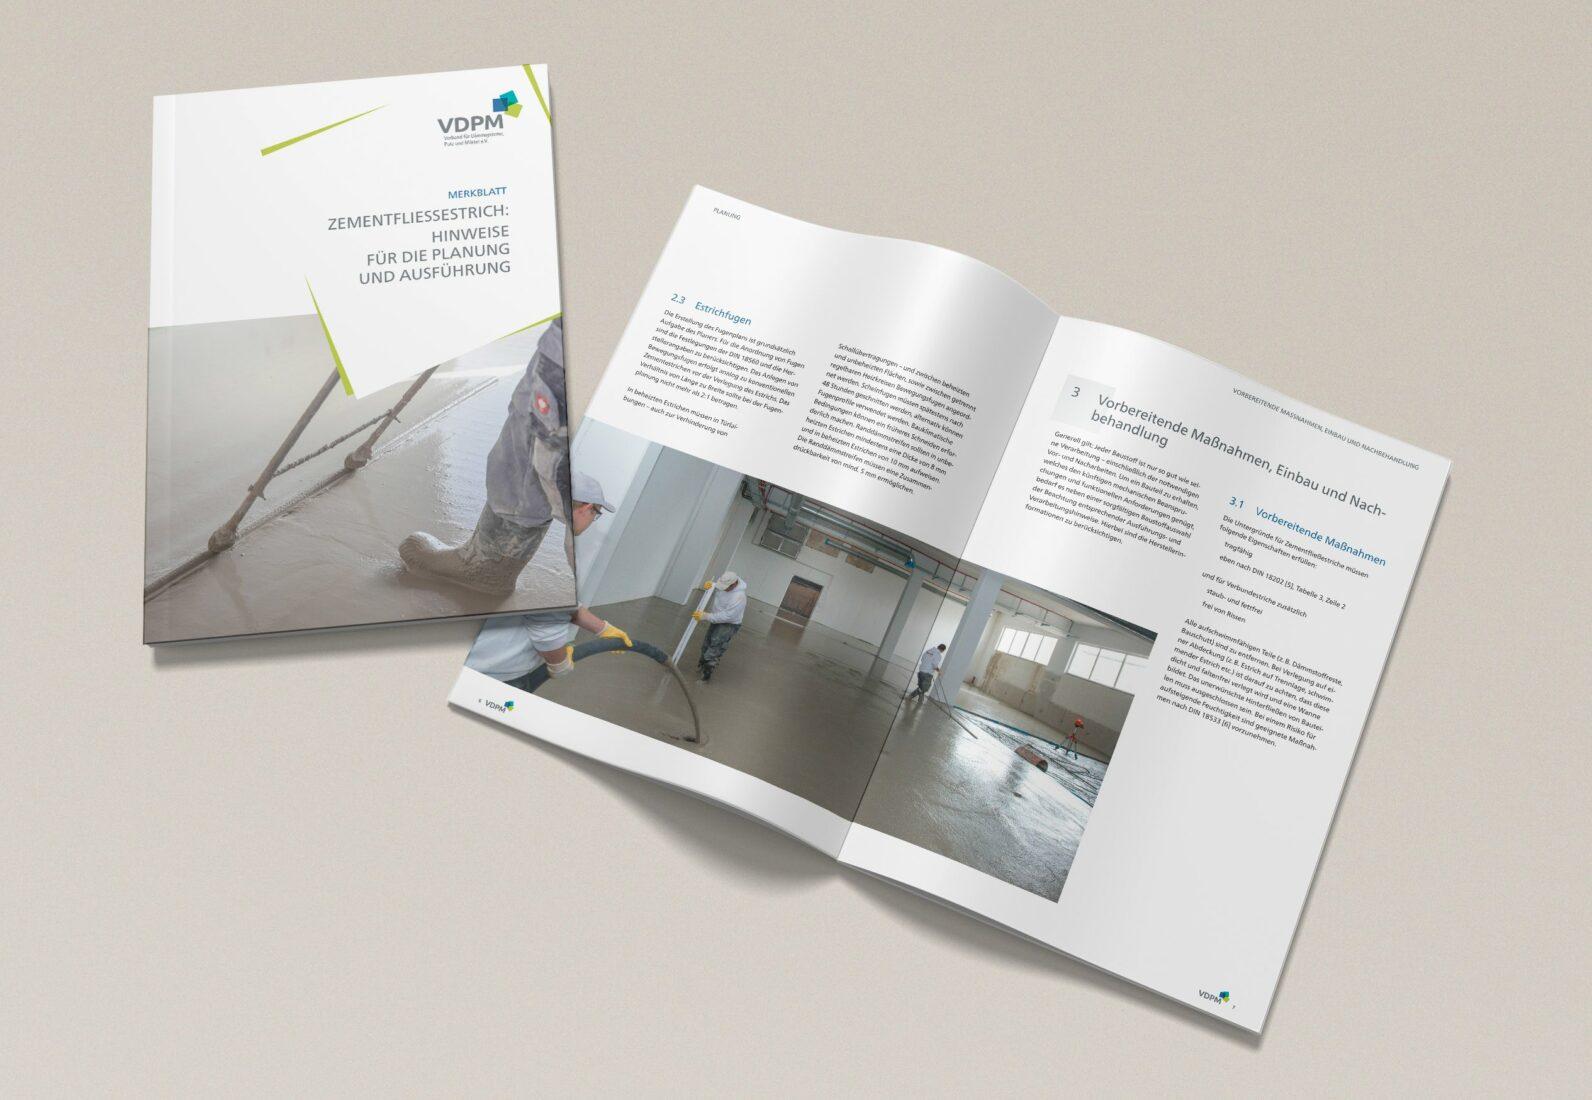 Das 16-seitige Merkblatt kann man unter info@vdpm.info auch als Printausgabe bestellen. Foto: VDPM